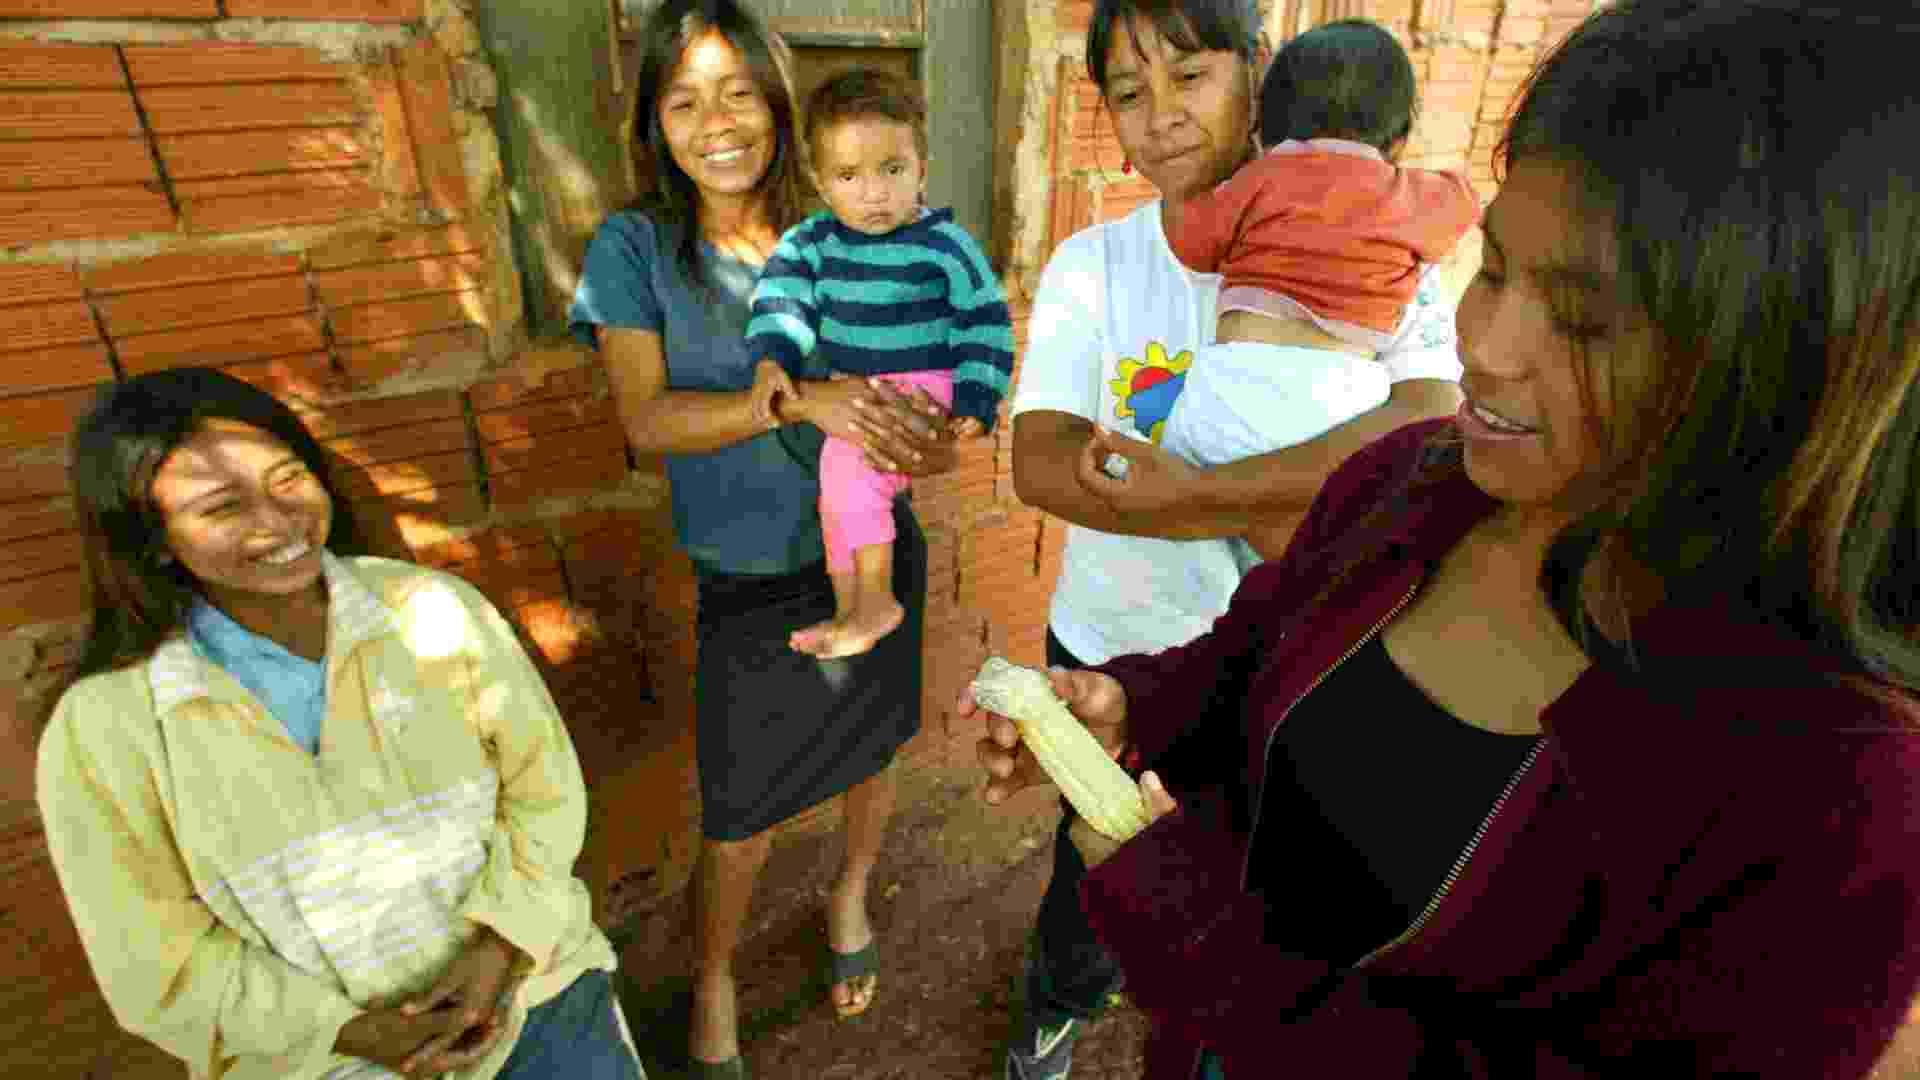 16.jul.2003 - Índios guaranis-kaiowás, na aldeia Bororó, em Dourados, aprendem com agente de saúde indígena a colocar camisinha usando um sabugo de milho - Juca Varella/Folhapress